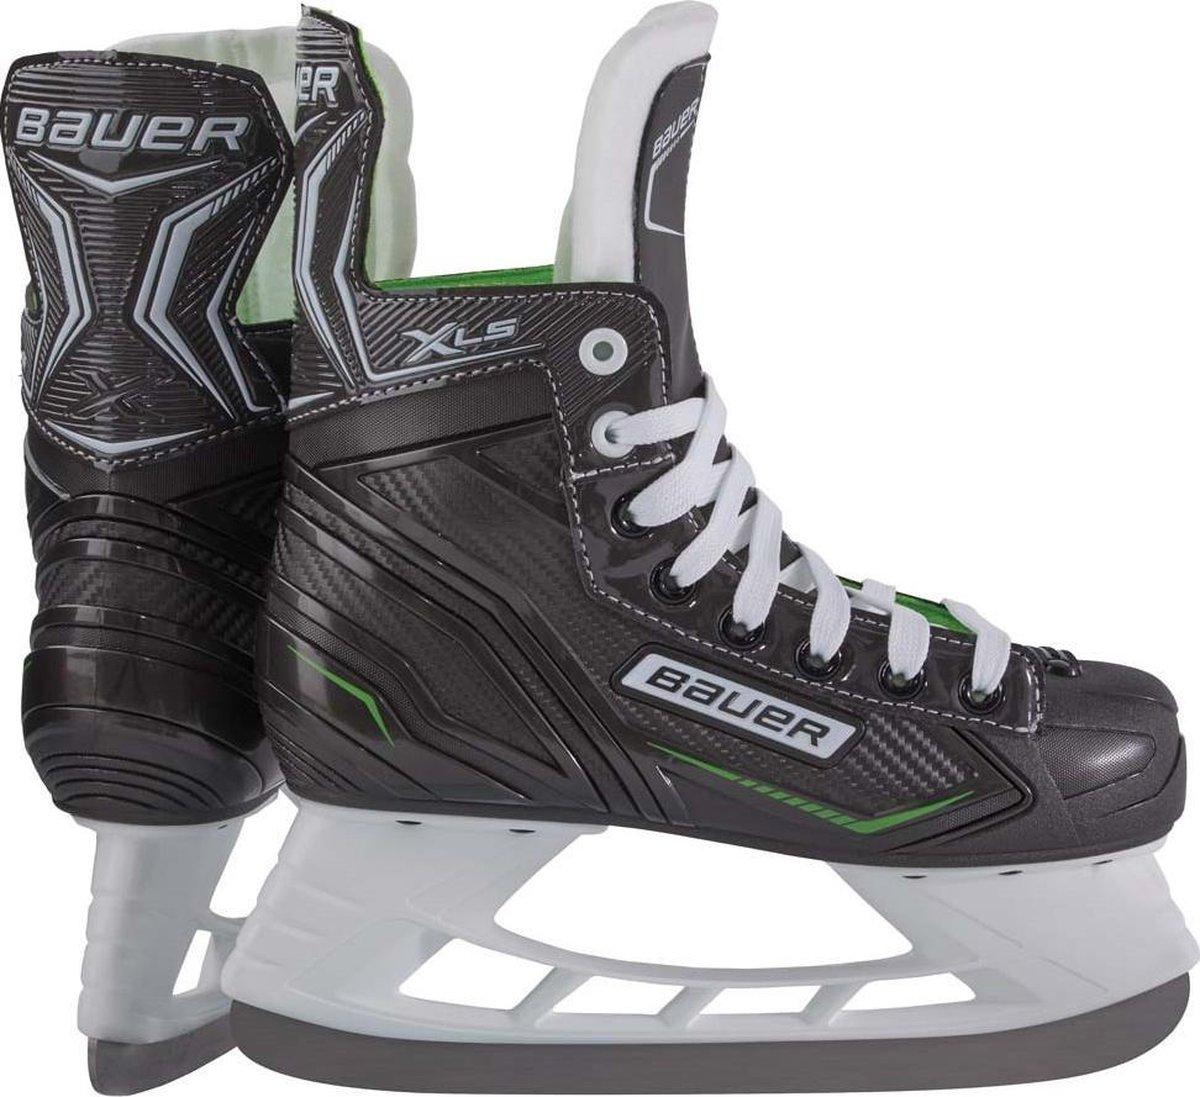 Bauer Ijshockeyschaatsen X-ls Junior Microfiber Zwart/groen Mt 36